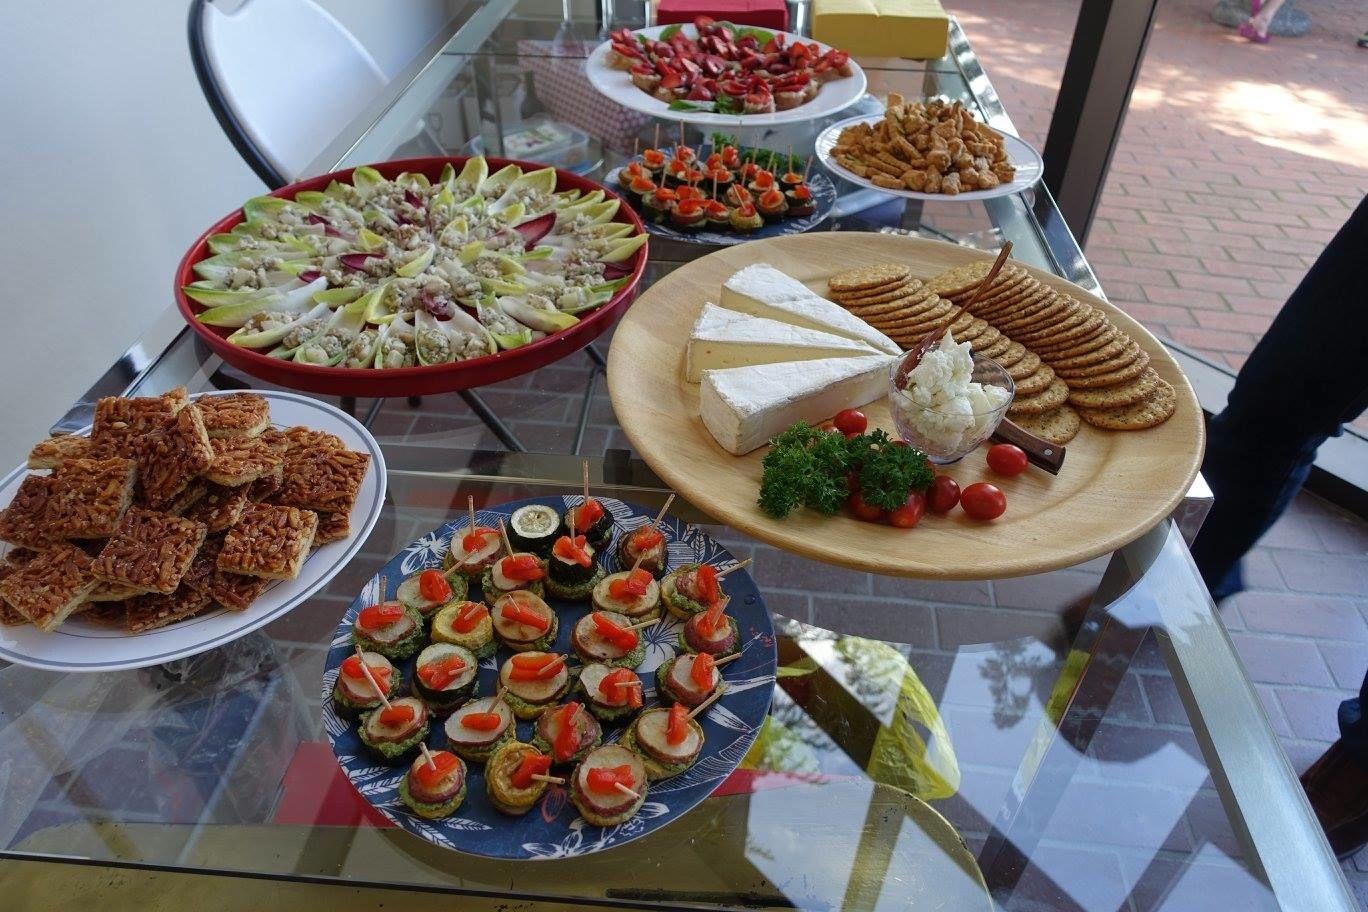 Food kindly provided by Maho Osano